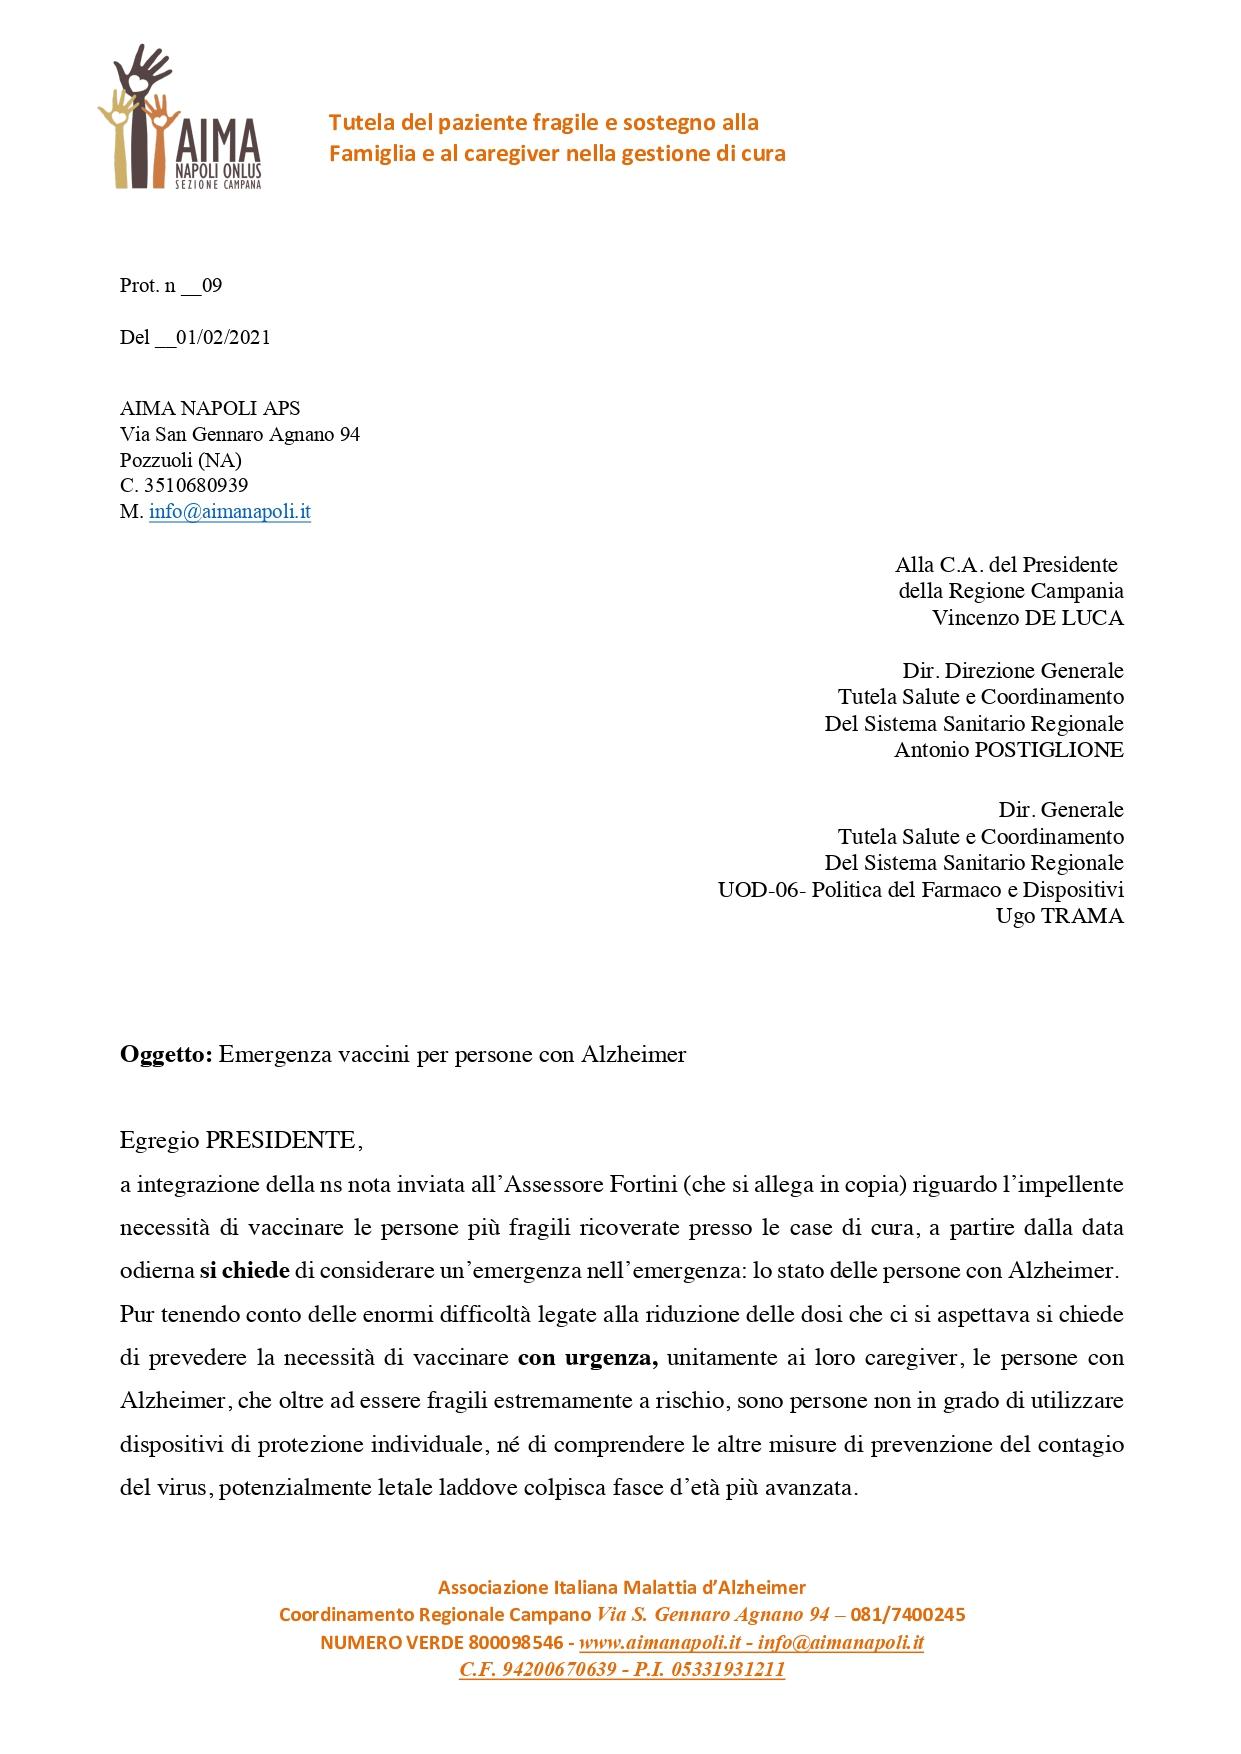 Lettera Presidente De Luca_page-0001